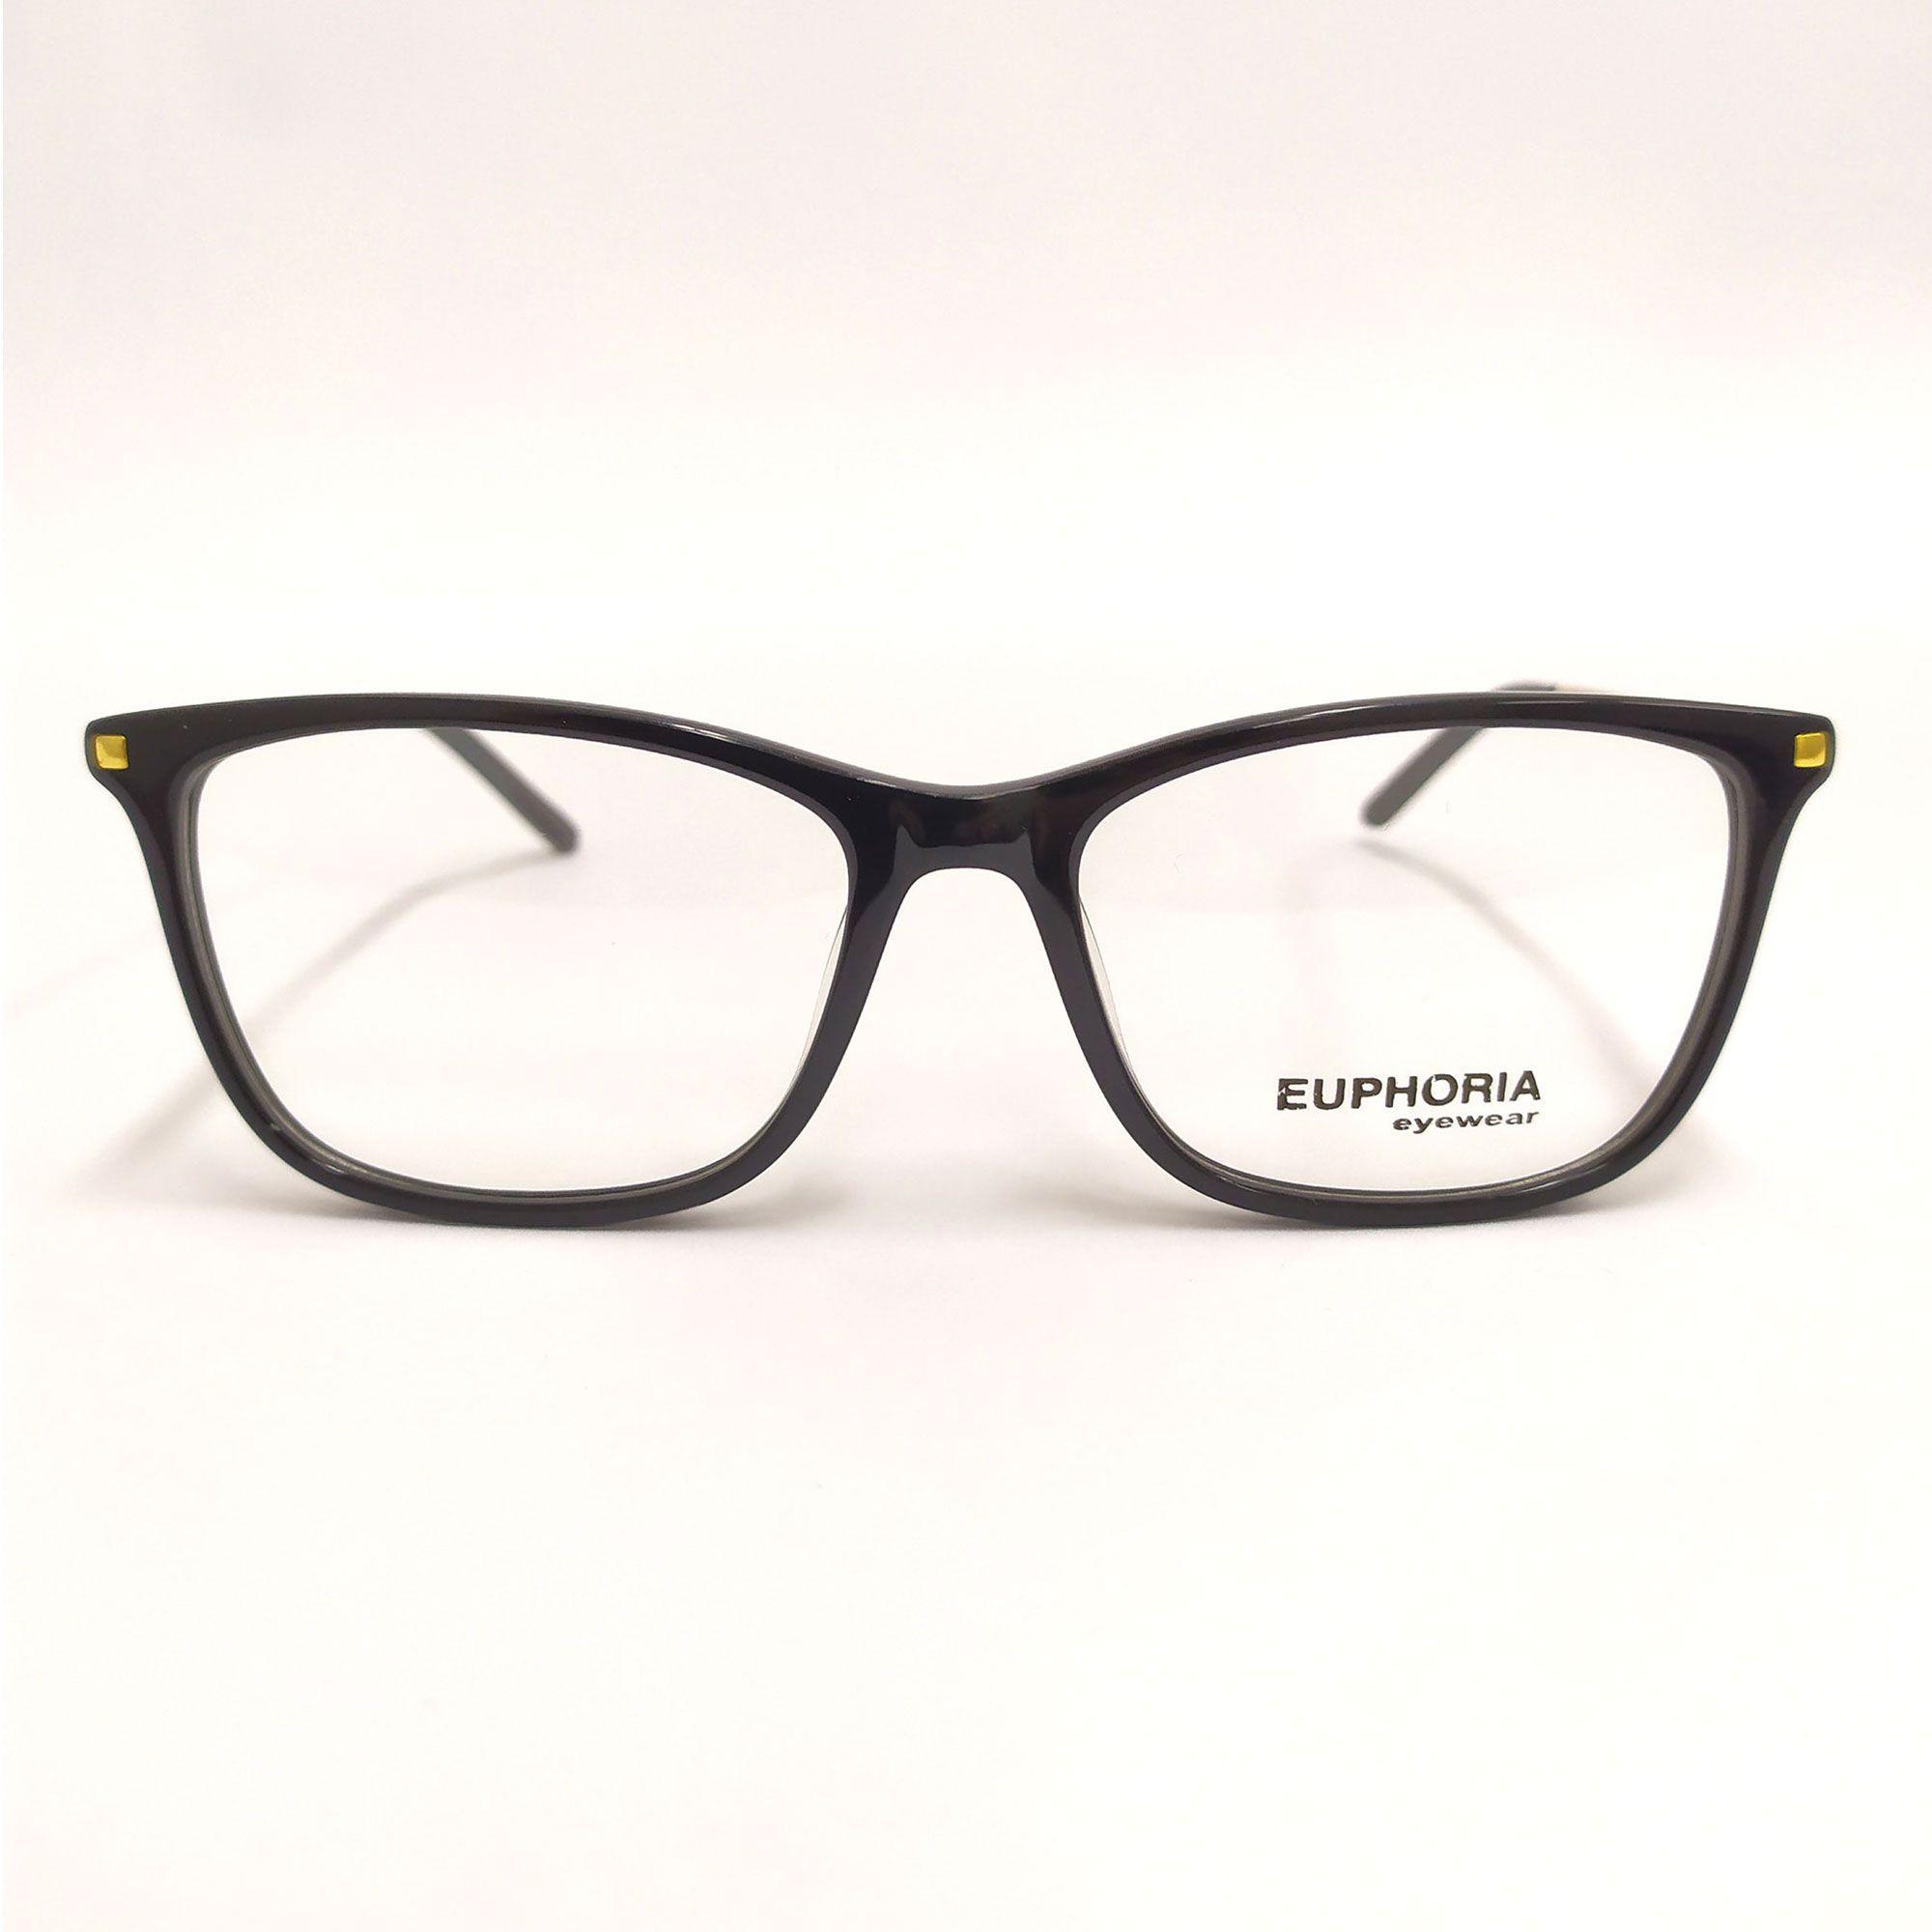 Óculos de Grau Euphoria Preto RM10001